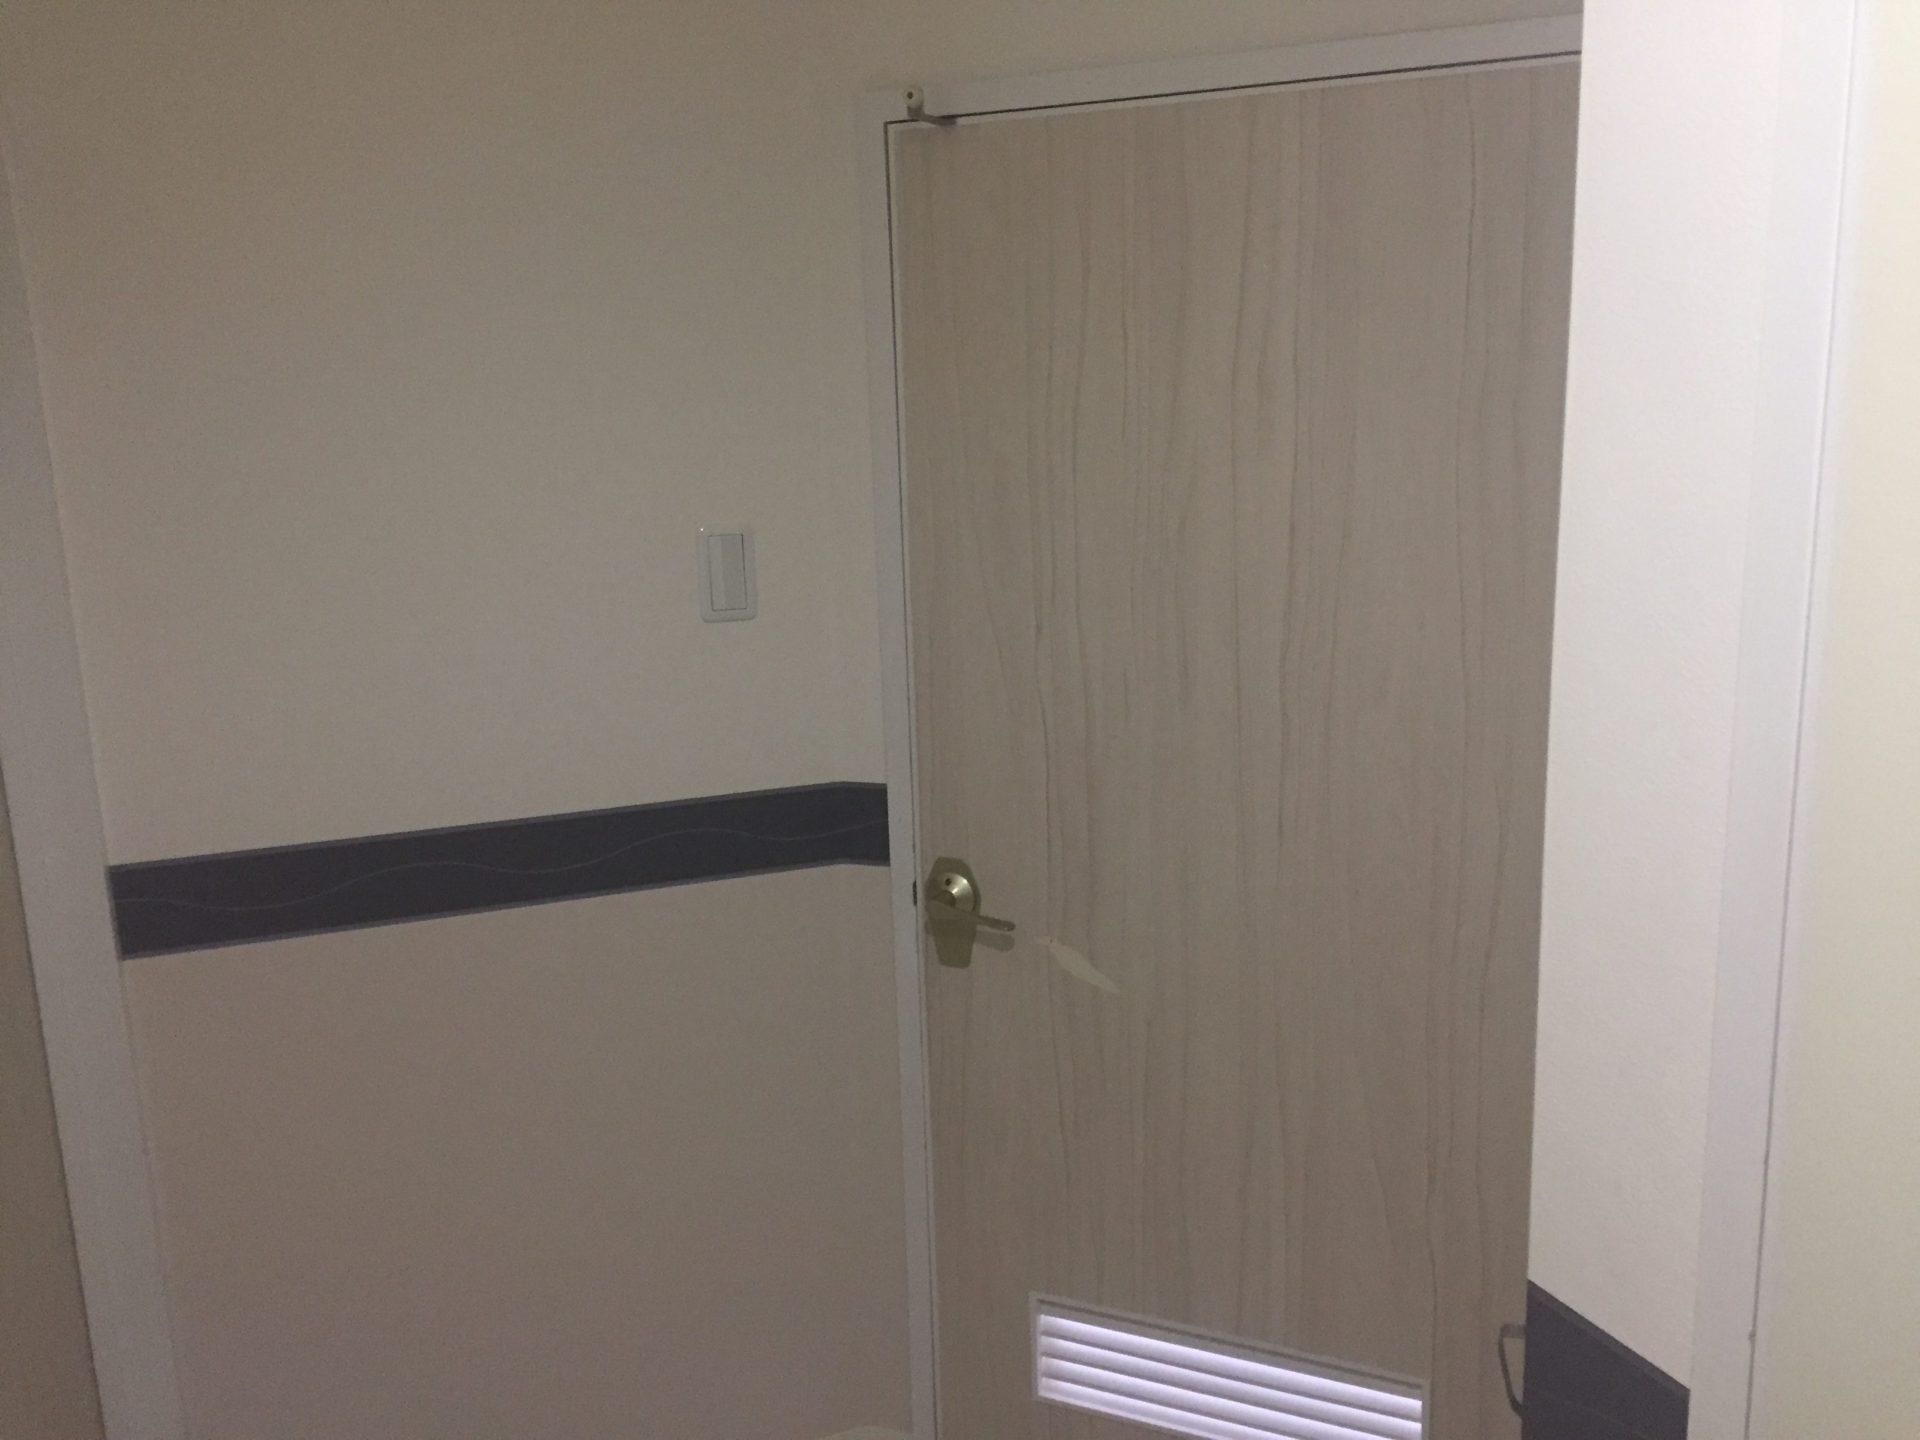 Diy 傷のついたドアの表面を貼り換え 補修しました こちらのドアの表面には木目柄の壁紙 が貼ってあったのですが こちらの1部が傷によって剥がれてしまっていて修復が必要になっていたのでこちらをカッティングシートを使って修復していこうと思います